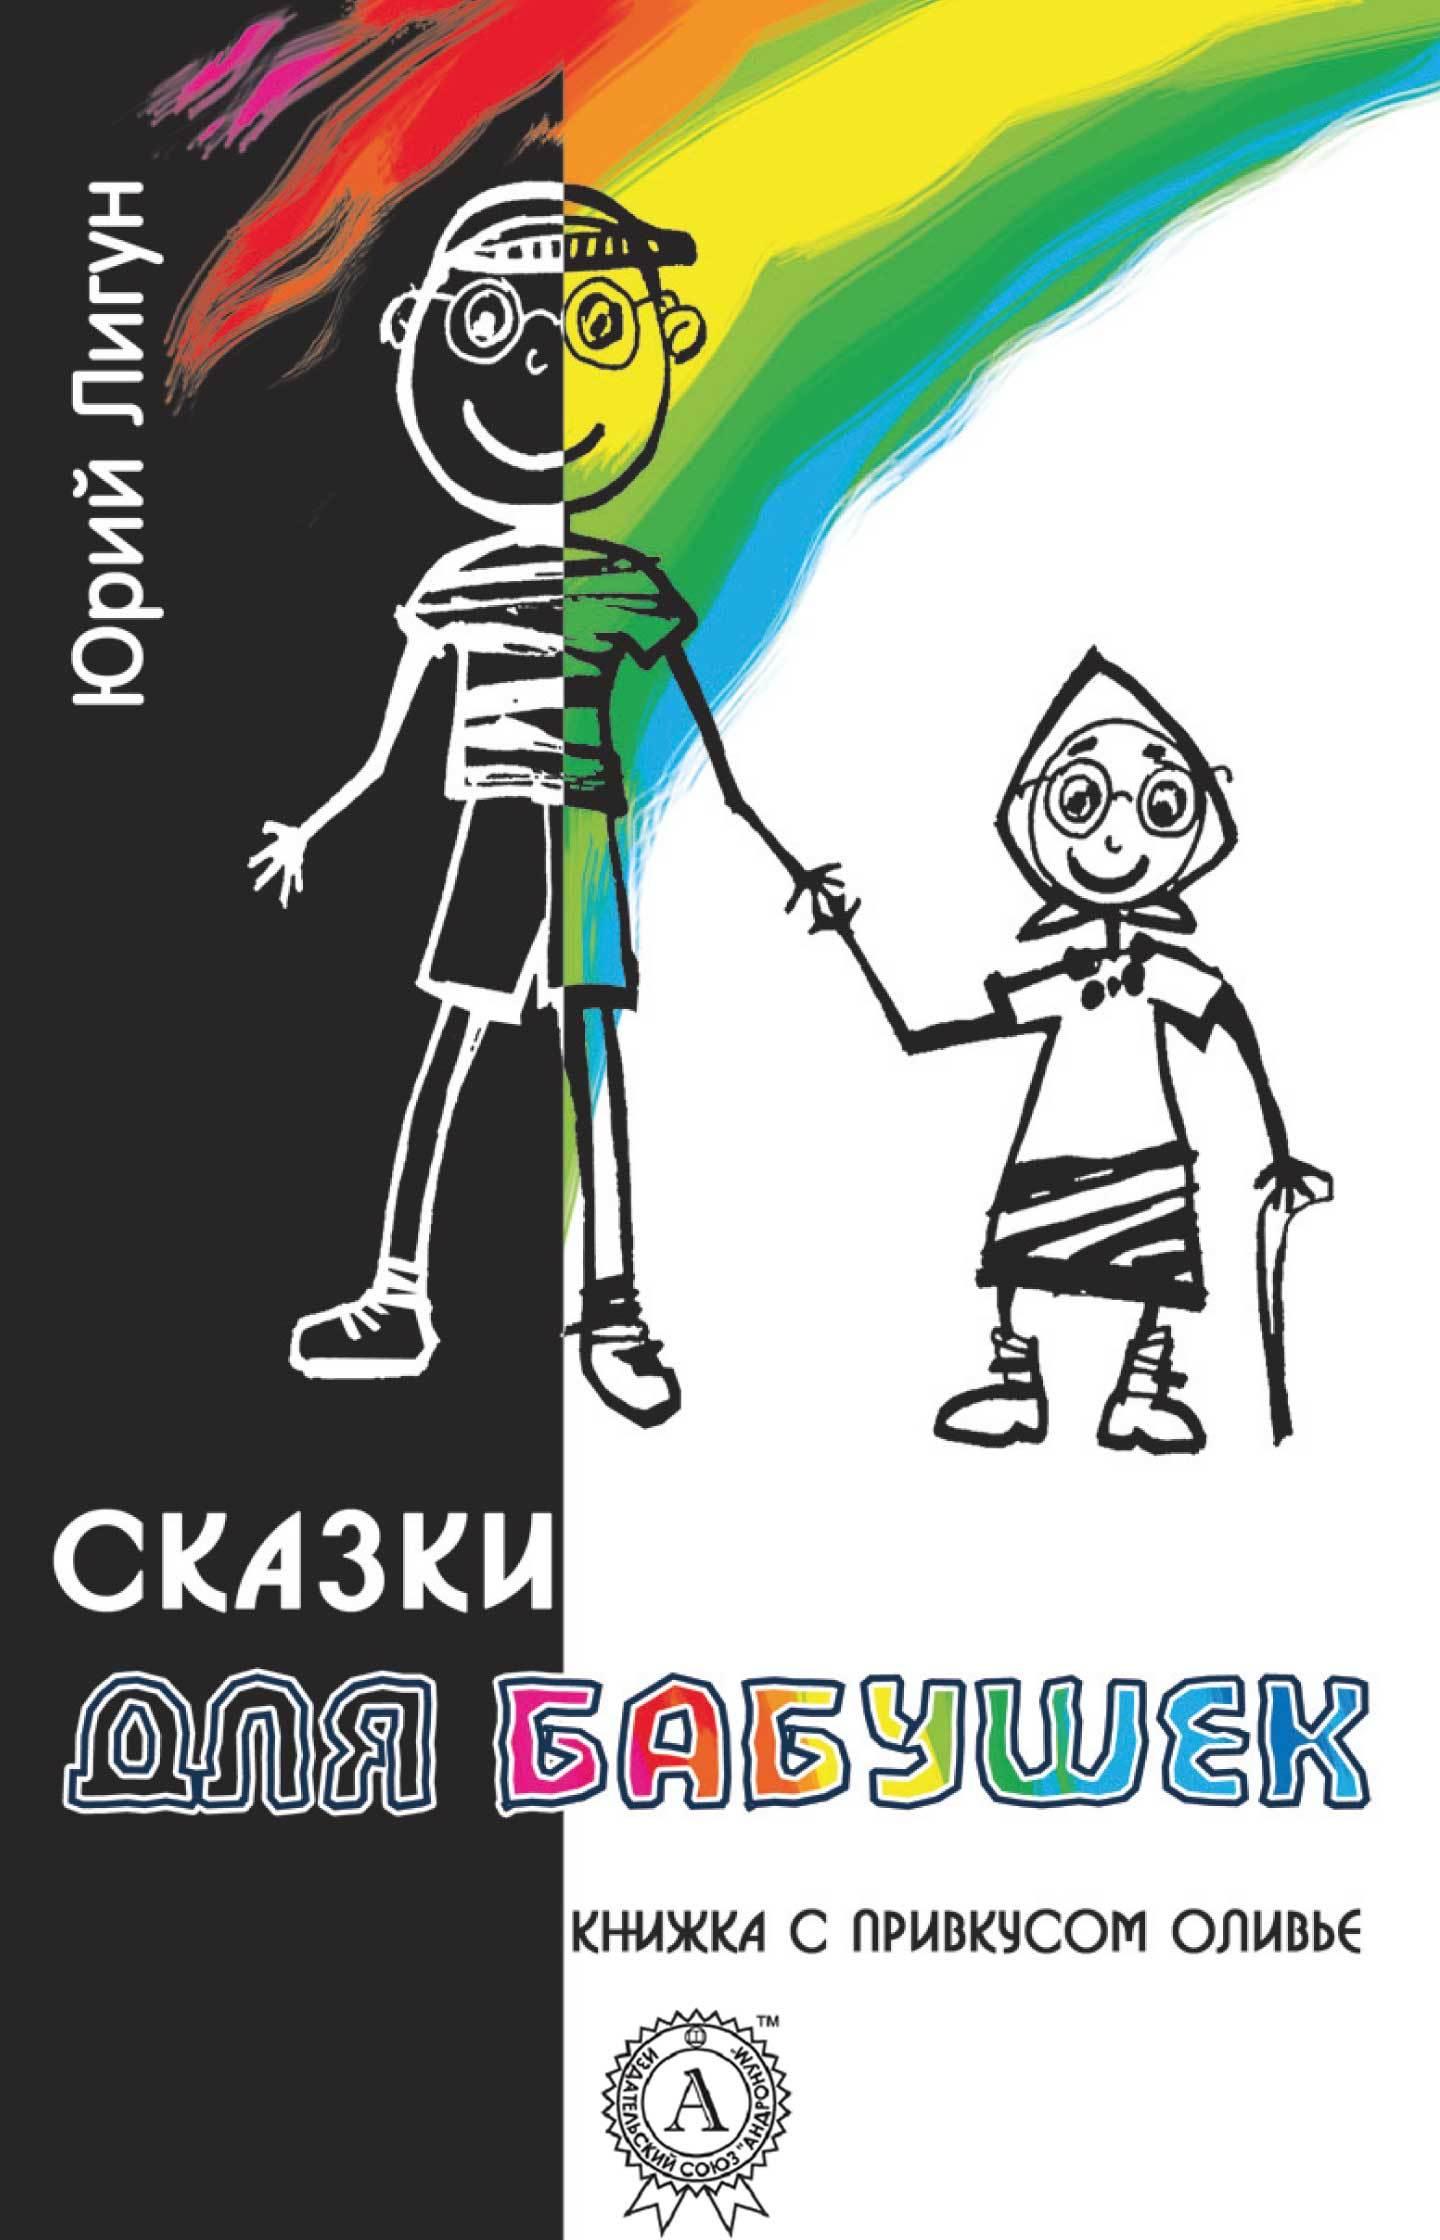 Юрий Лигун Сказки для бабушек (книжка с привкусом оливье)